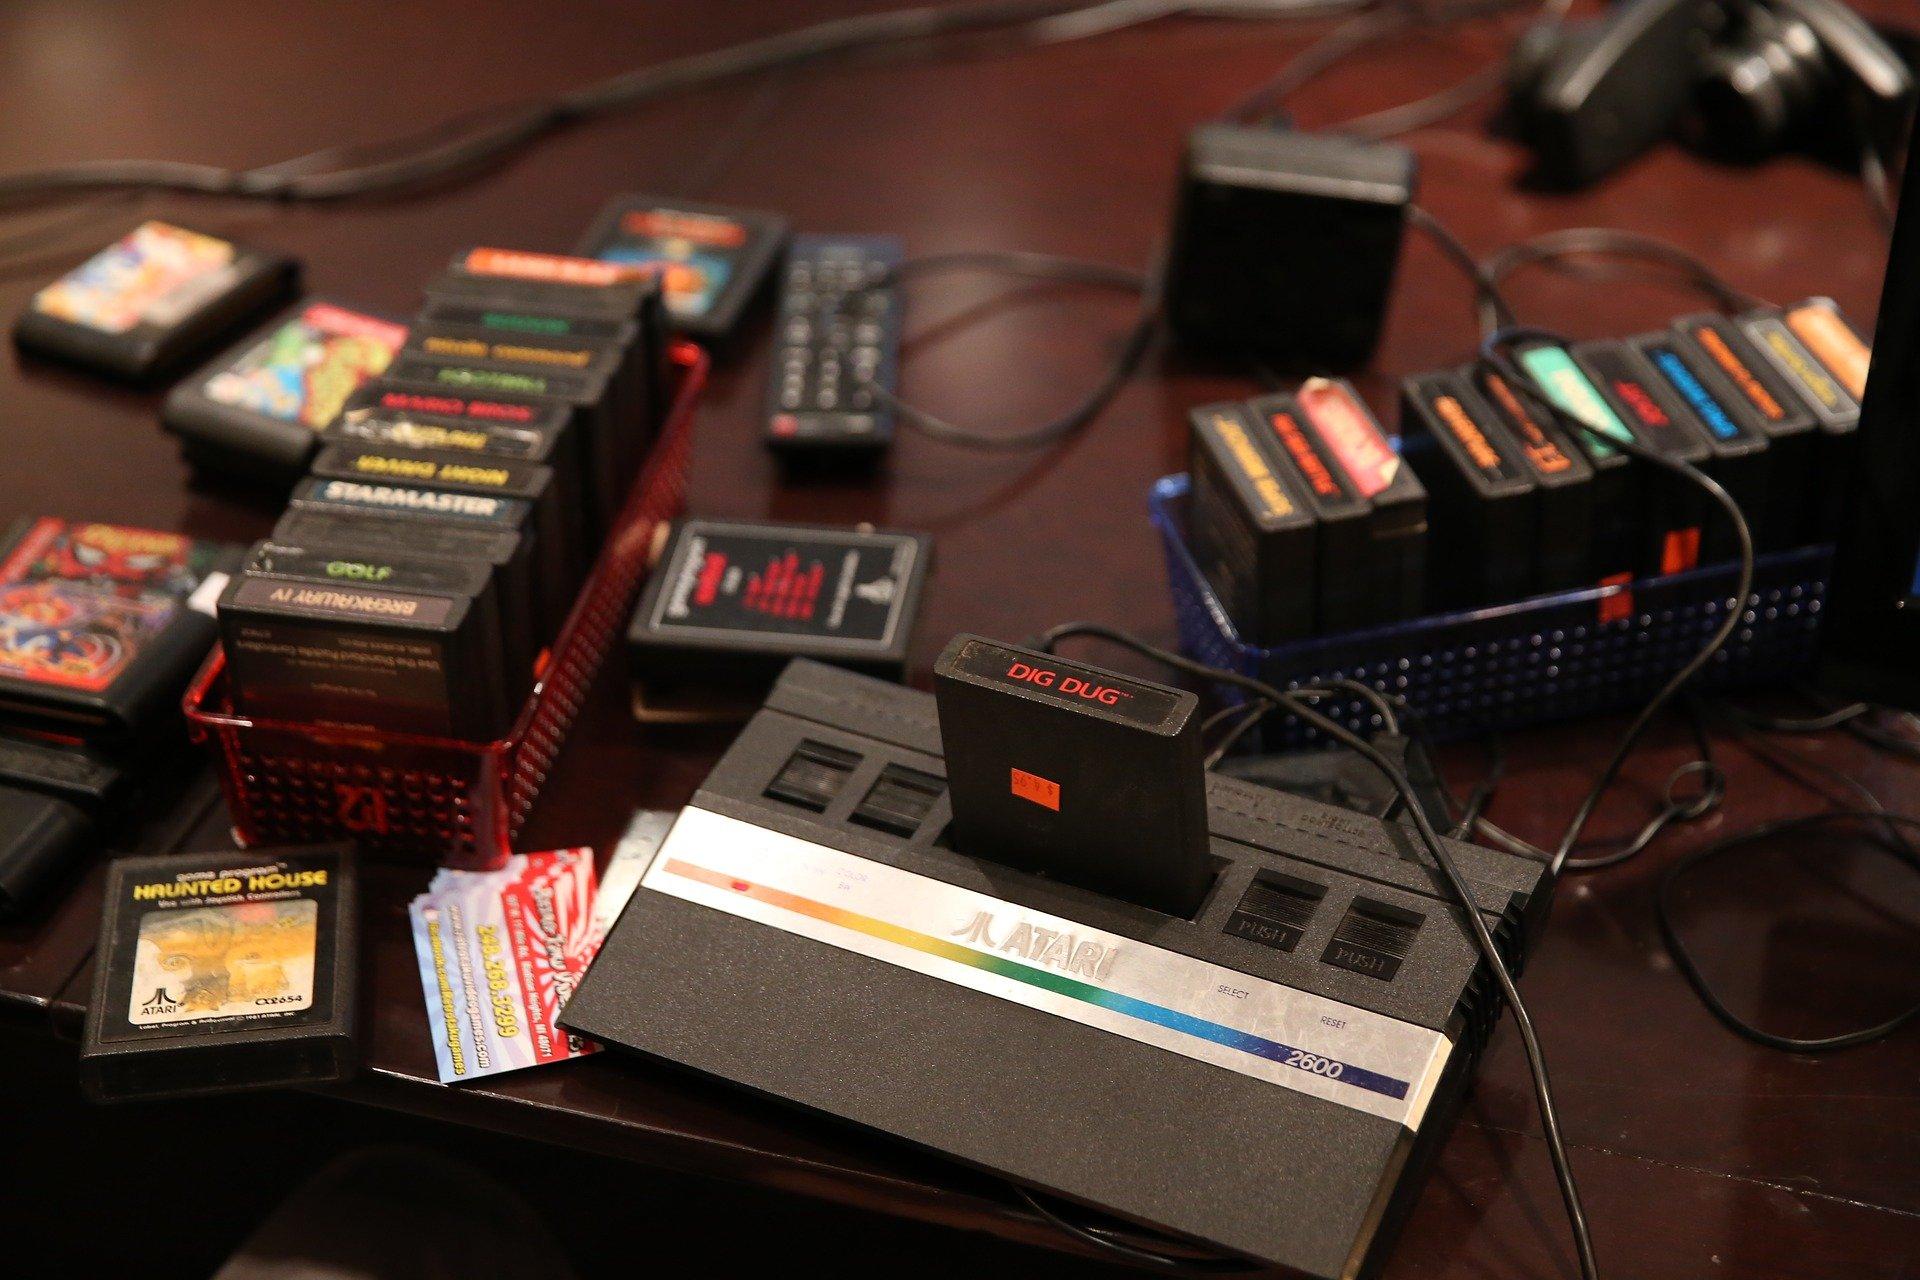 An Atari console